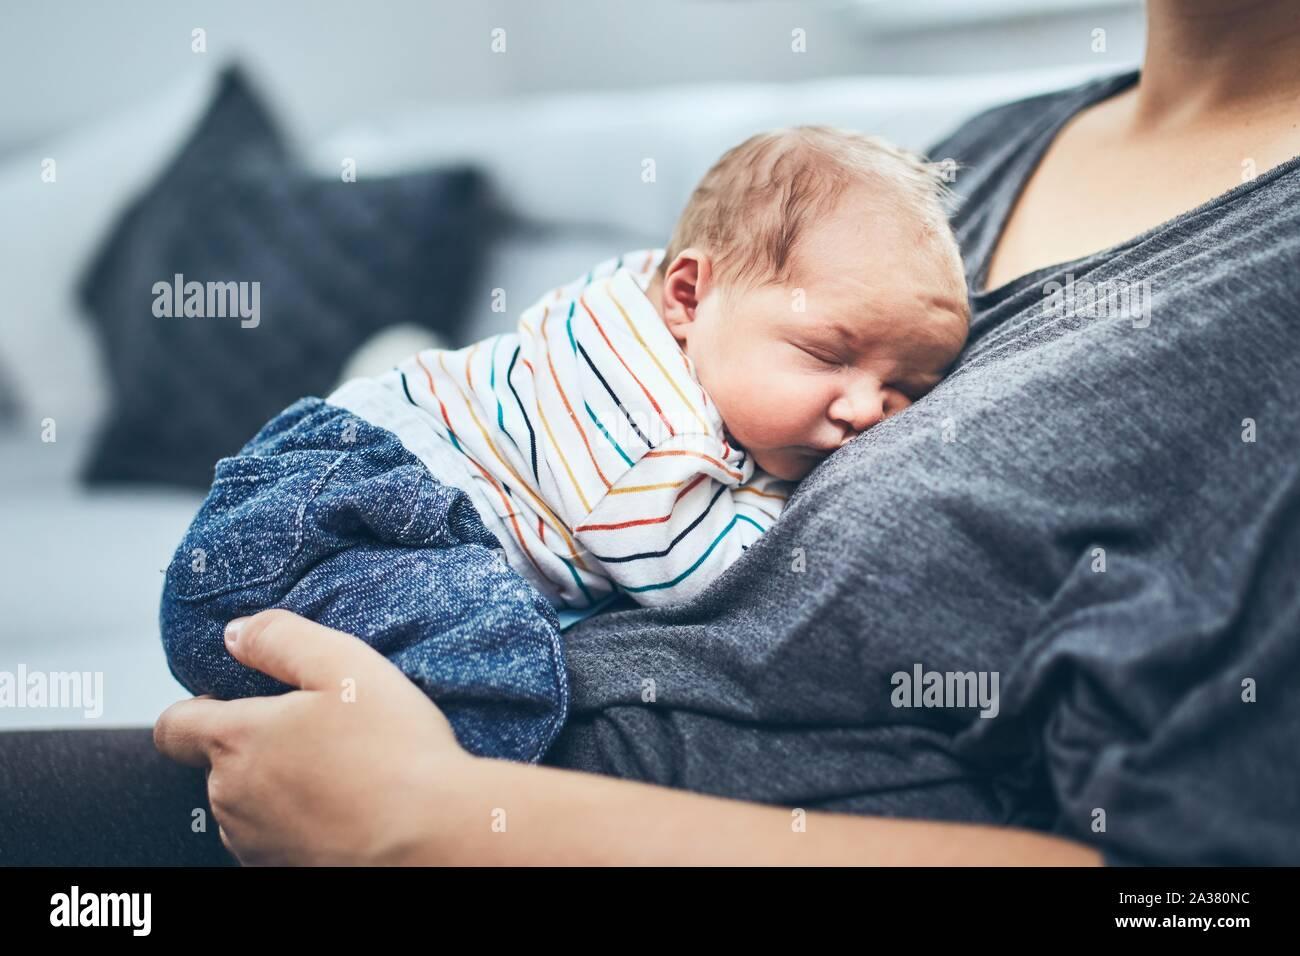 Mère avec nouveau-né. Femme tenant son fils âgé de 4 jours à la maison. Banque D'Images